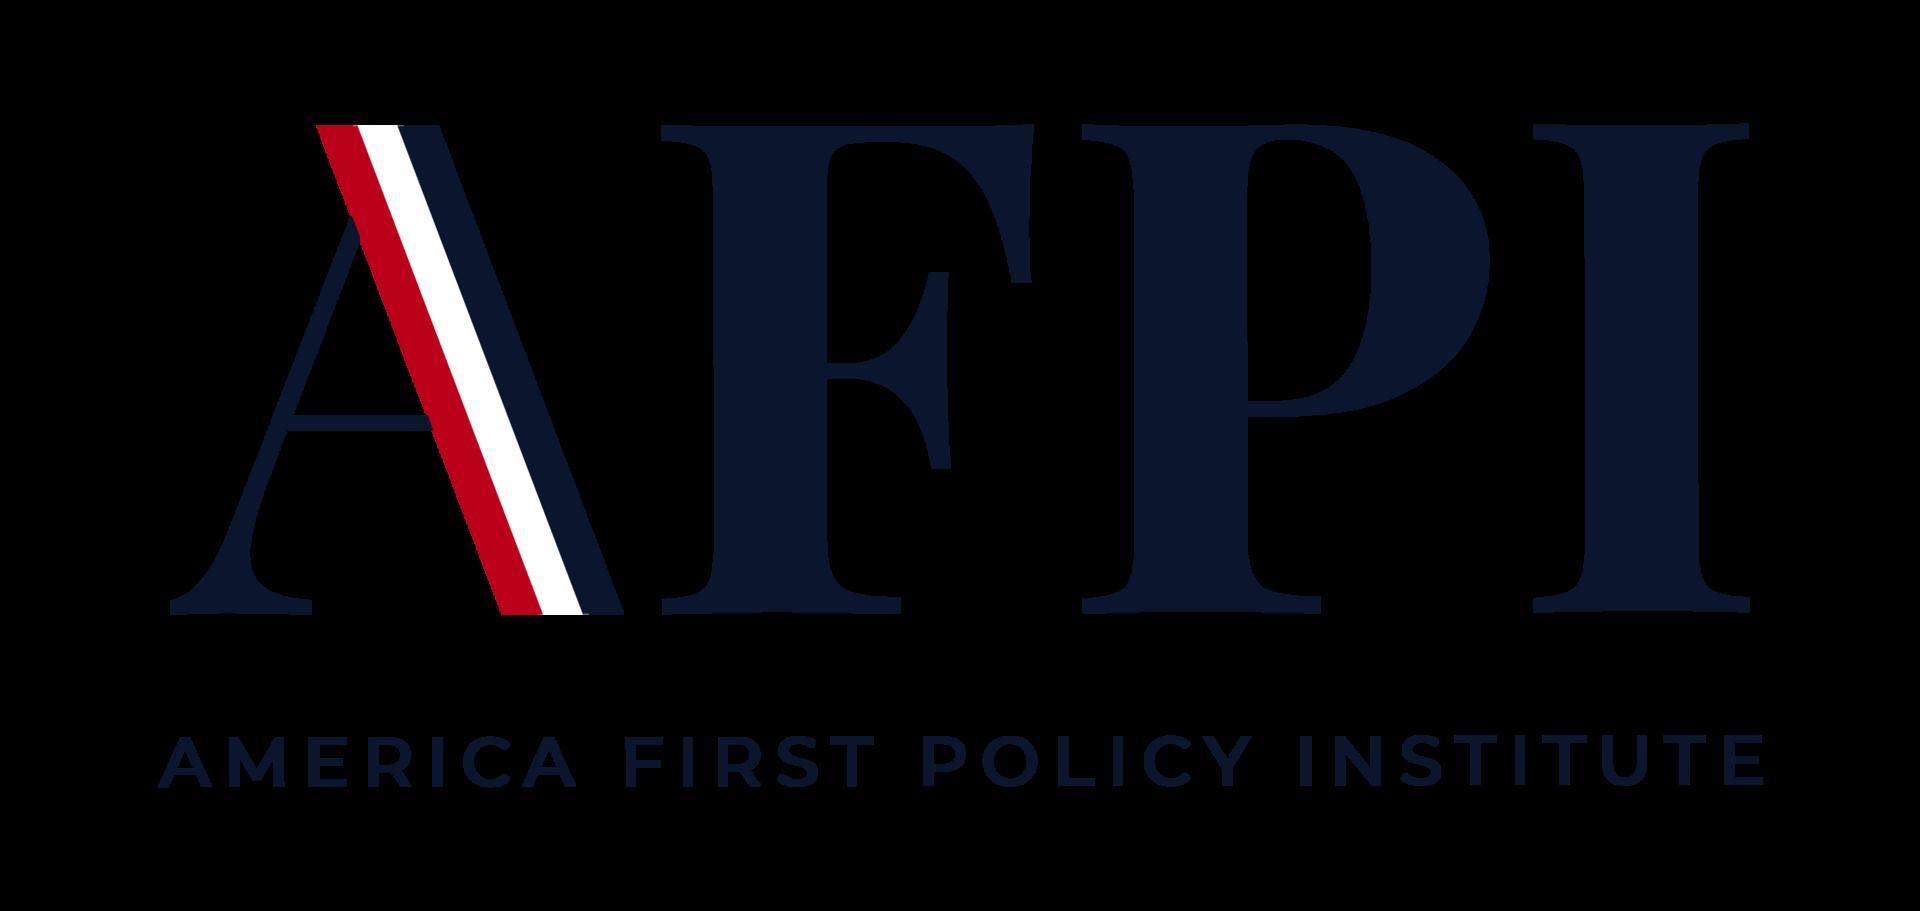 Afpi   logo   secondary logo